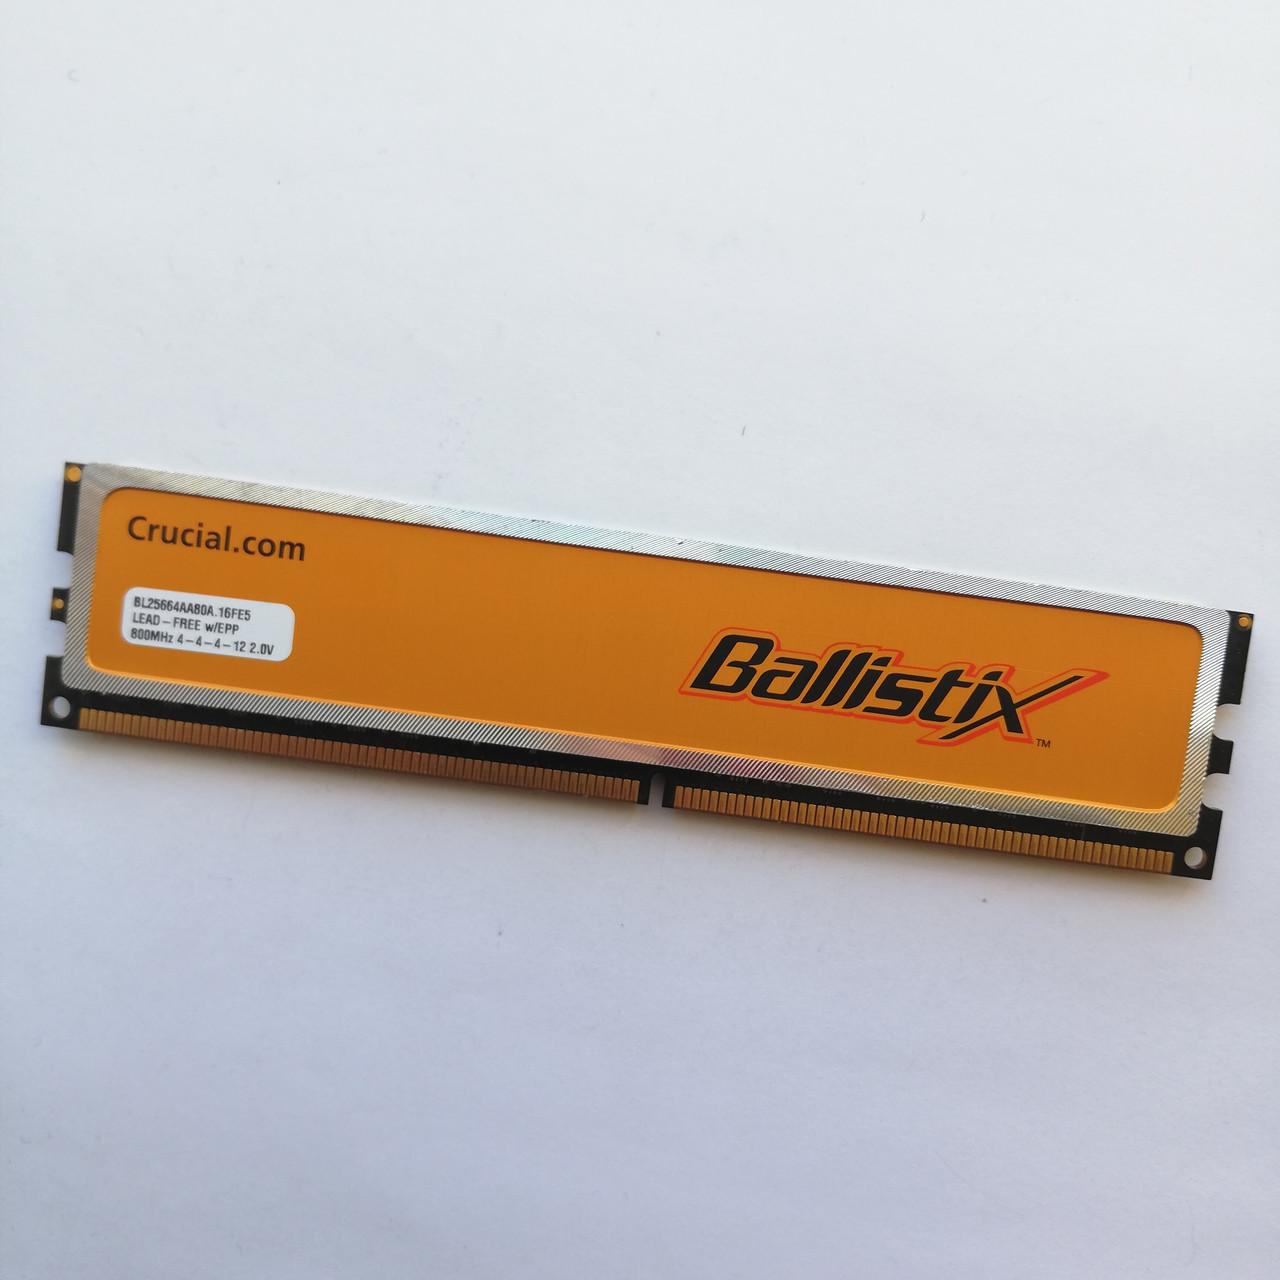 Оперативная память Crucial Ballistix DDR2 2Gb 800MHz PC2 6400U CL4 (BL25664AA80A.16FE5) Б/У